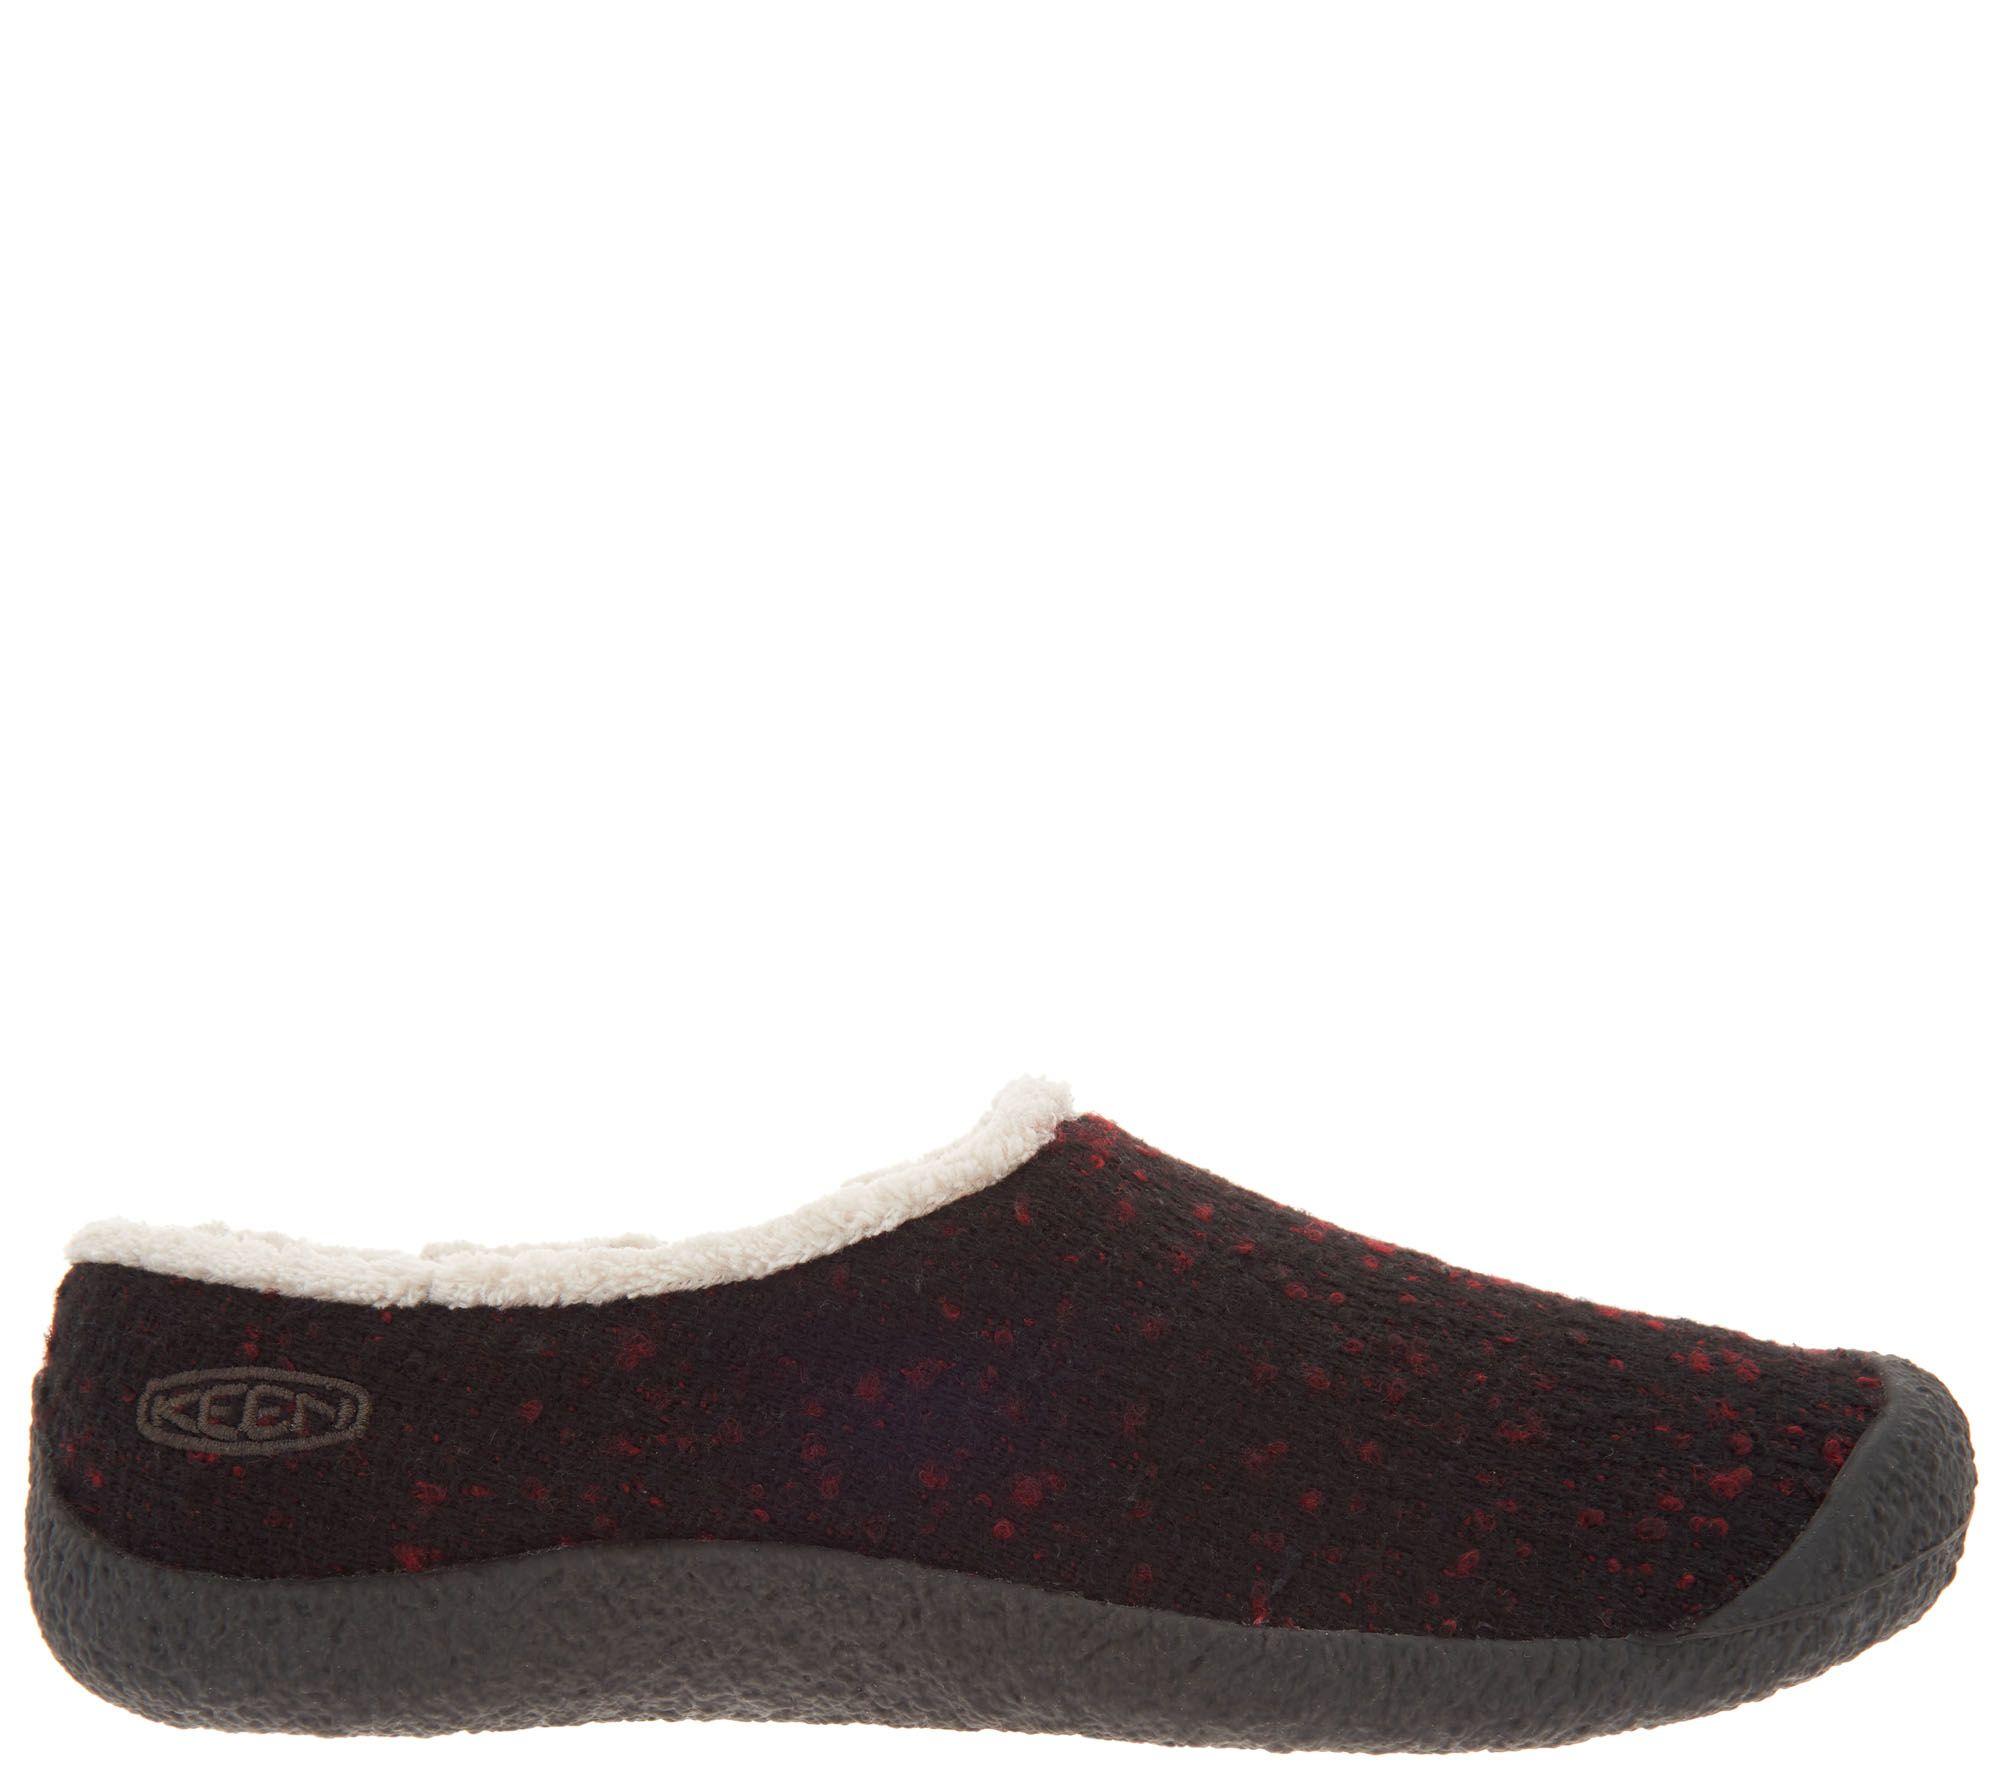 903a6d33cc7a7 KEEN Felt Slip-On Clogs - Howser Slide Wool — QVC.com